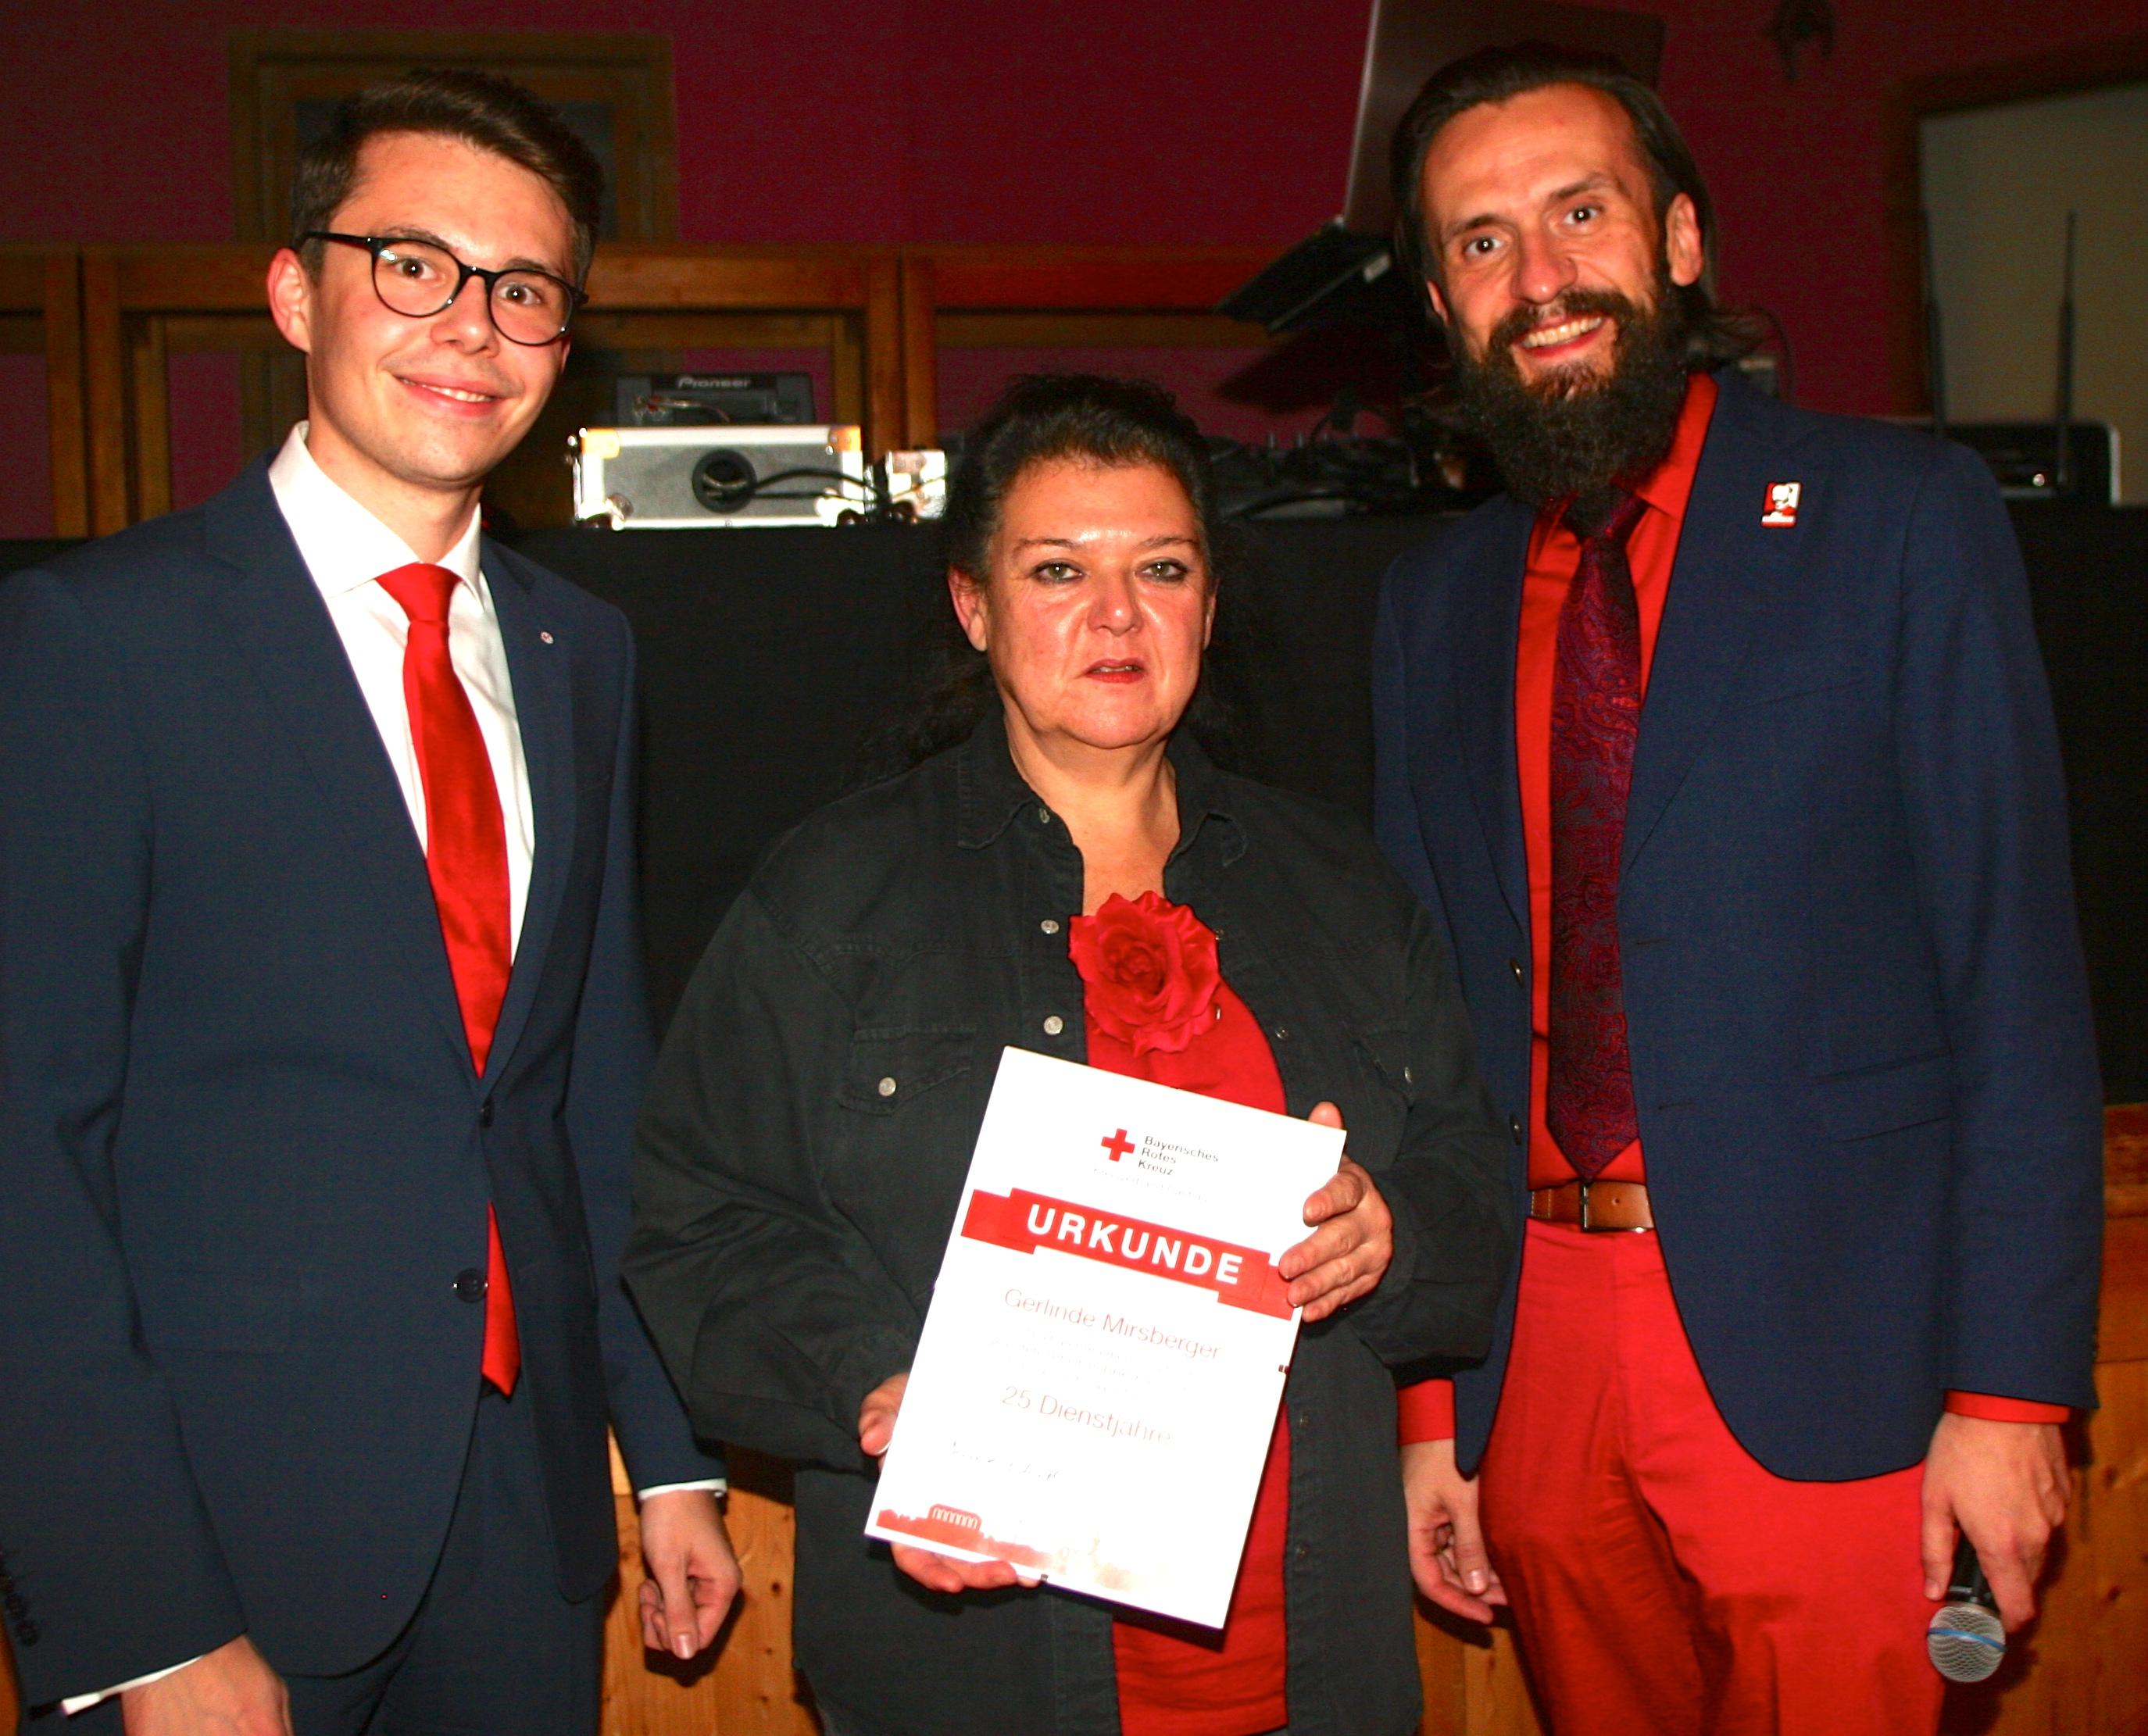 1. Foto (von li nach re): Der BRK-Kreisgeschäftsführer Paul Polyfka (rechts) und sein Stellvertreter Dennis Behrendt (links) mit Mitarbeiterin Gerlinde Mirsberger.